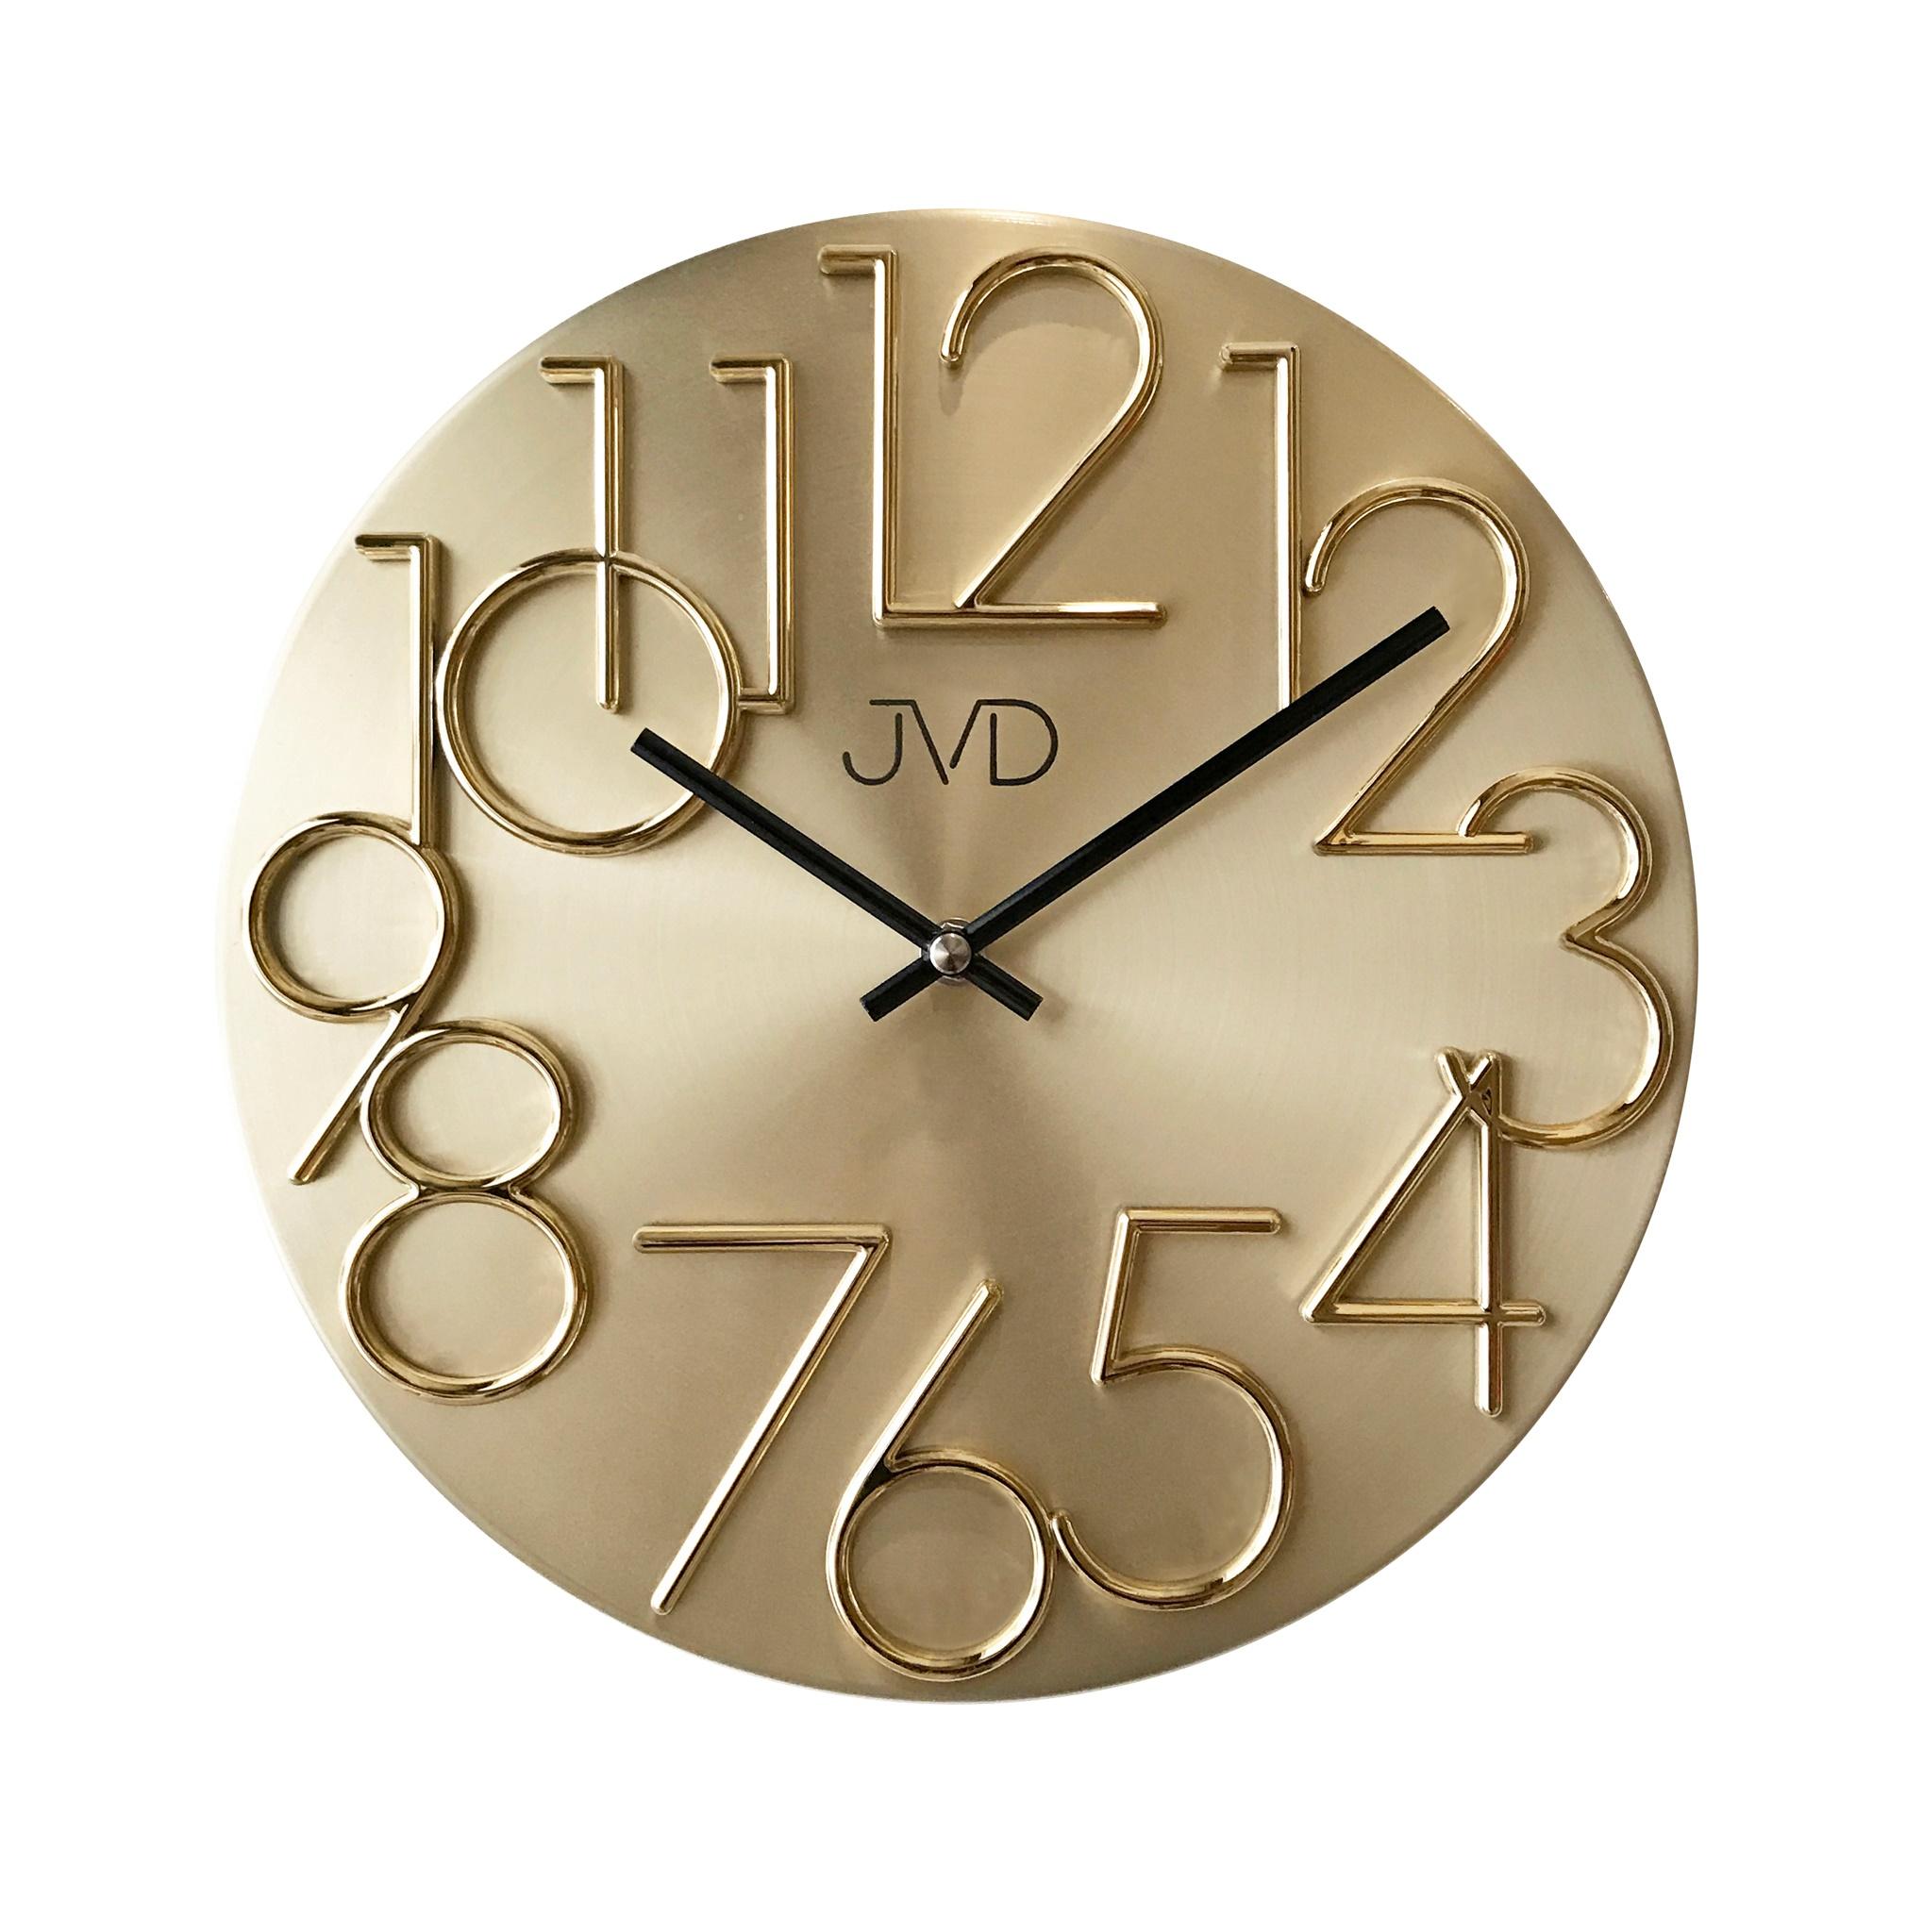 Kovové designové nástěnné zlaté hodiny JVD HT23.2 (POŠTOVNÉ ZDARMA!!)